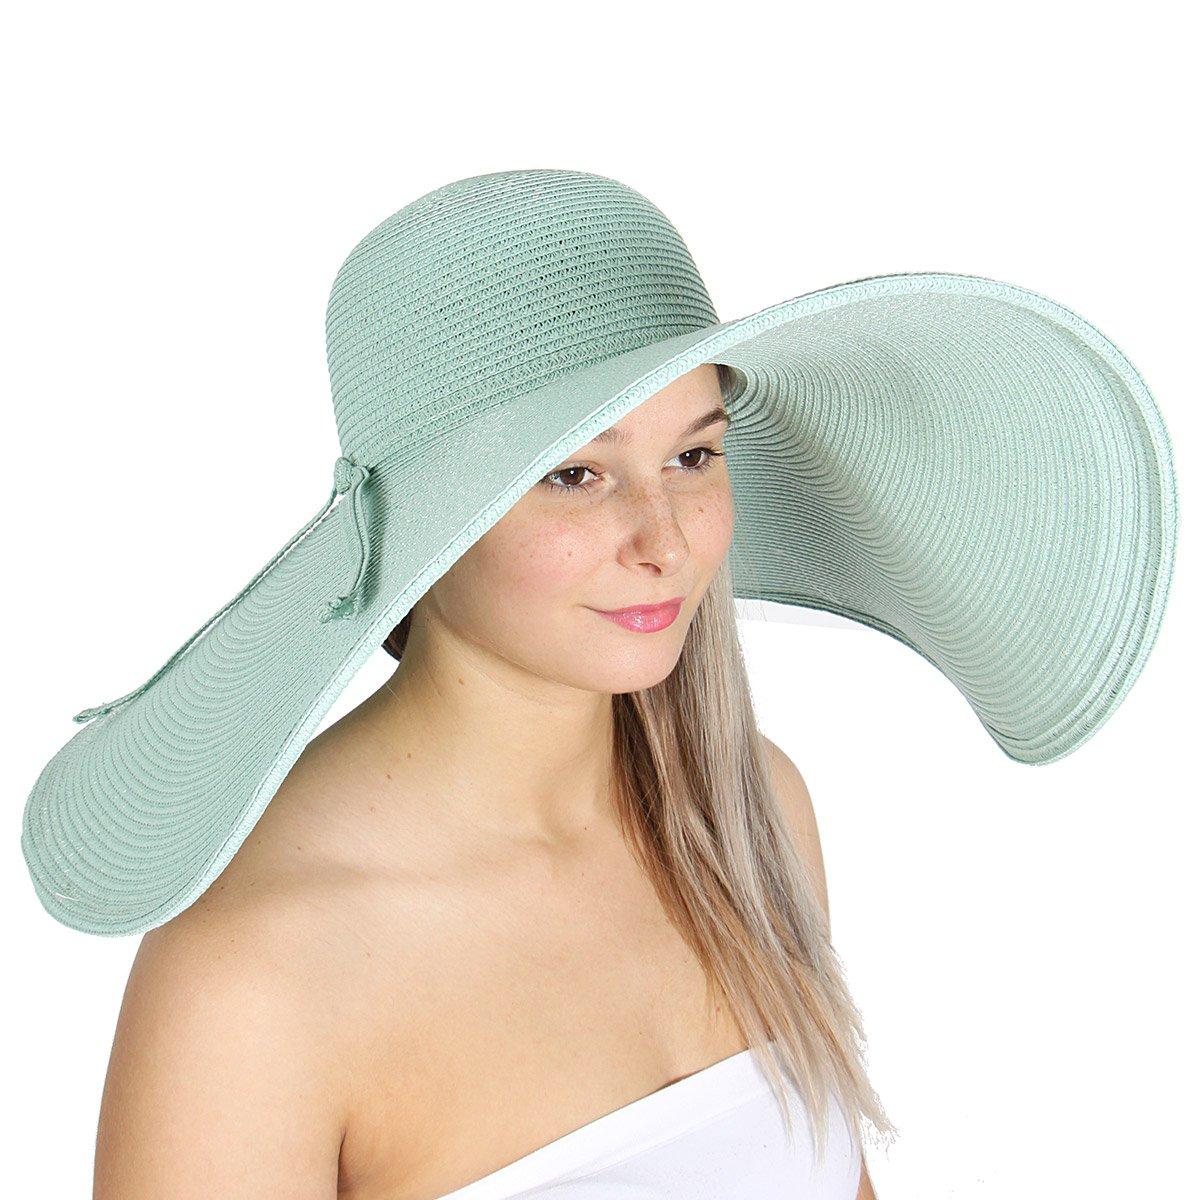 Hiking Hat Straw Wide Brim Hat Floppy Beach Hat SERENITA Summer Sun Hats for Women